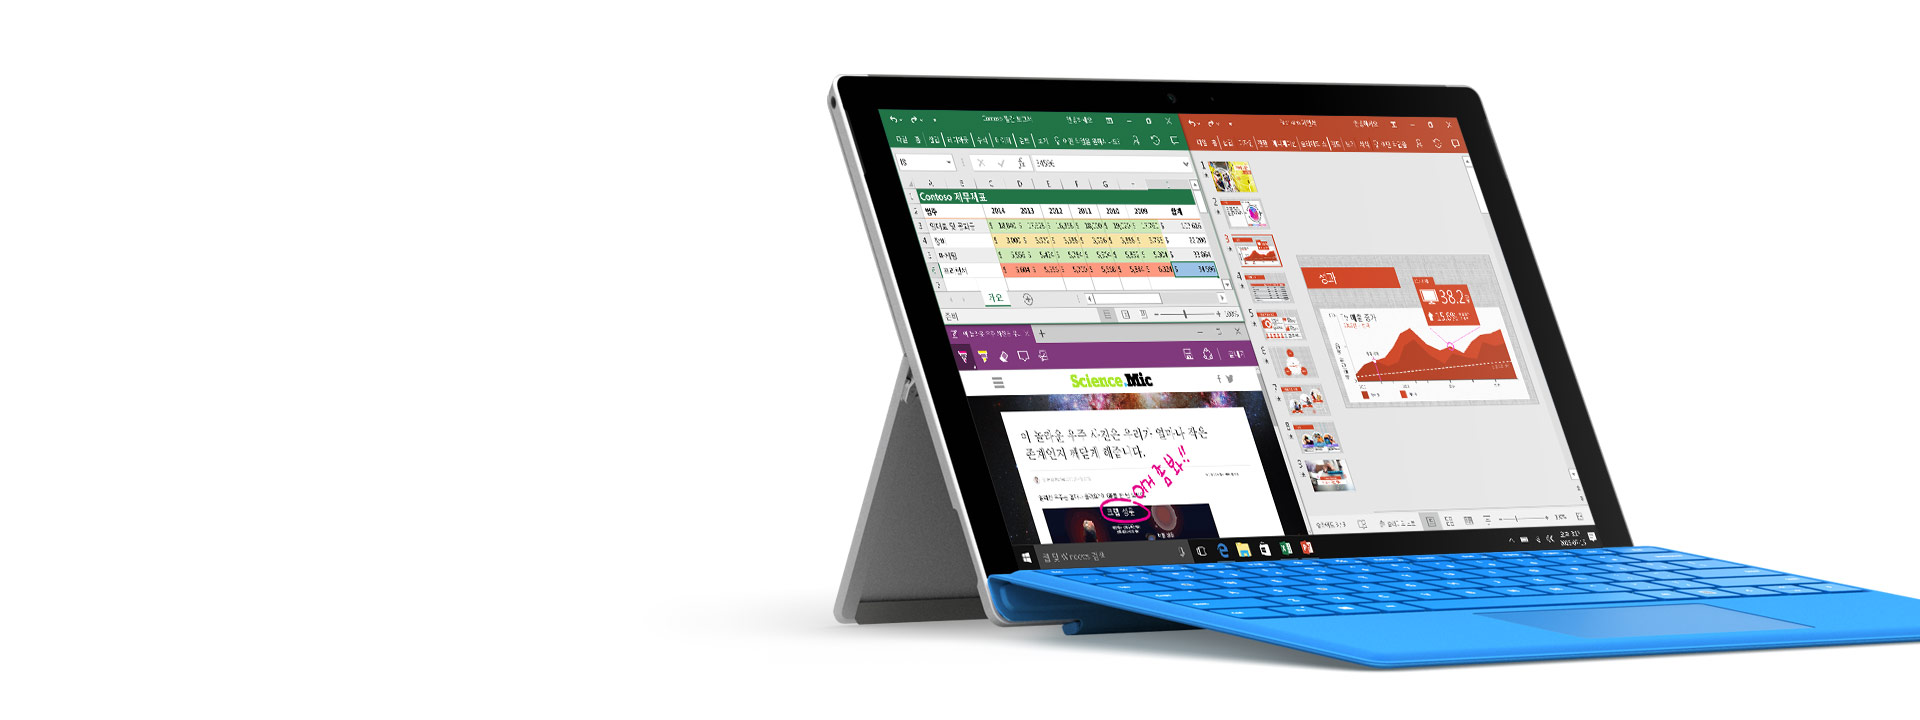 화면에 Office가 있는 Surface Pro 4